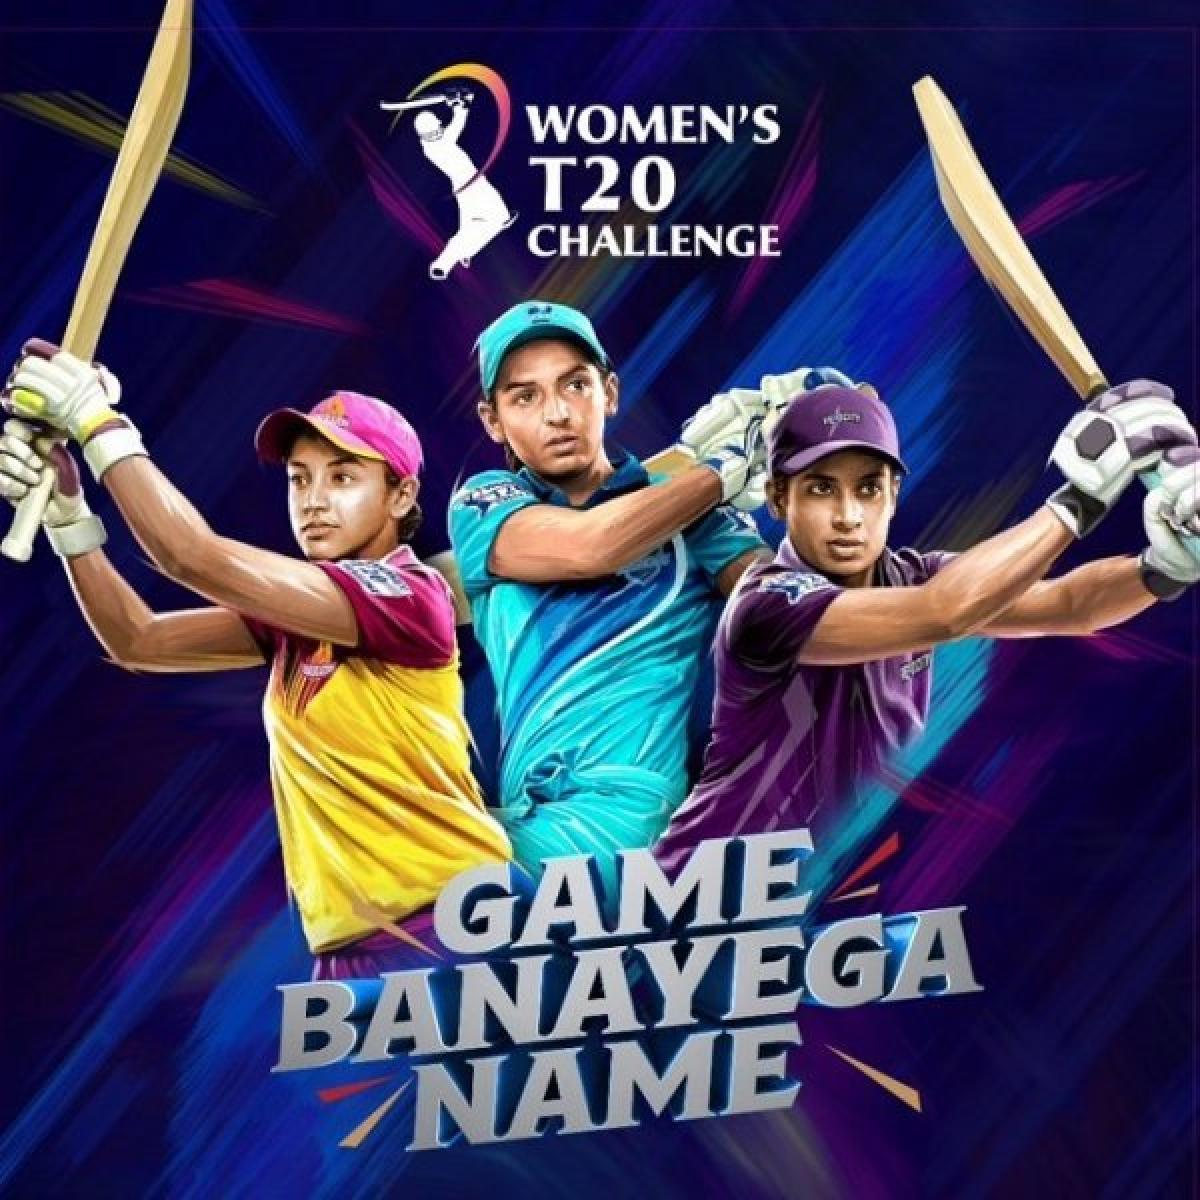 பெண்கள் டி20-யில் பங்கேற்கும் முதல் காஷ்மீர் கிரிக்கெட் வீராங்கனை #WIPL